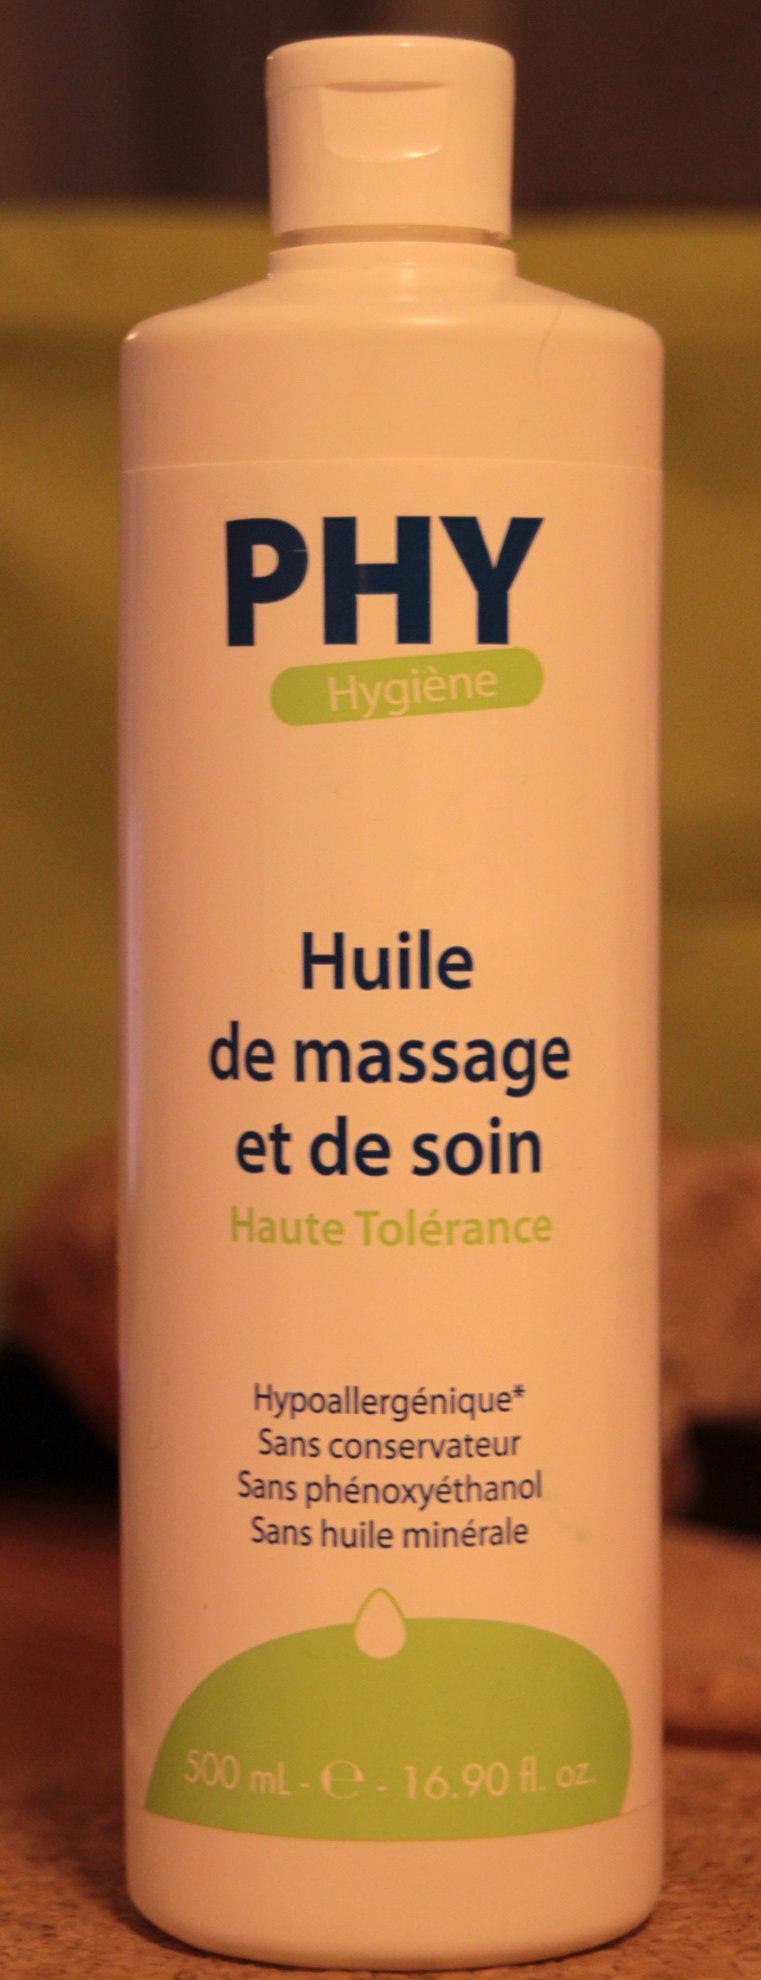 Huile de massage et de soin - Product - fr